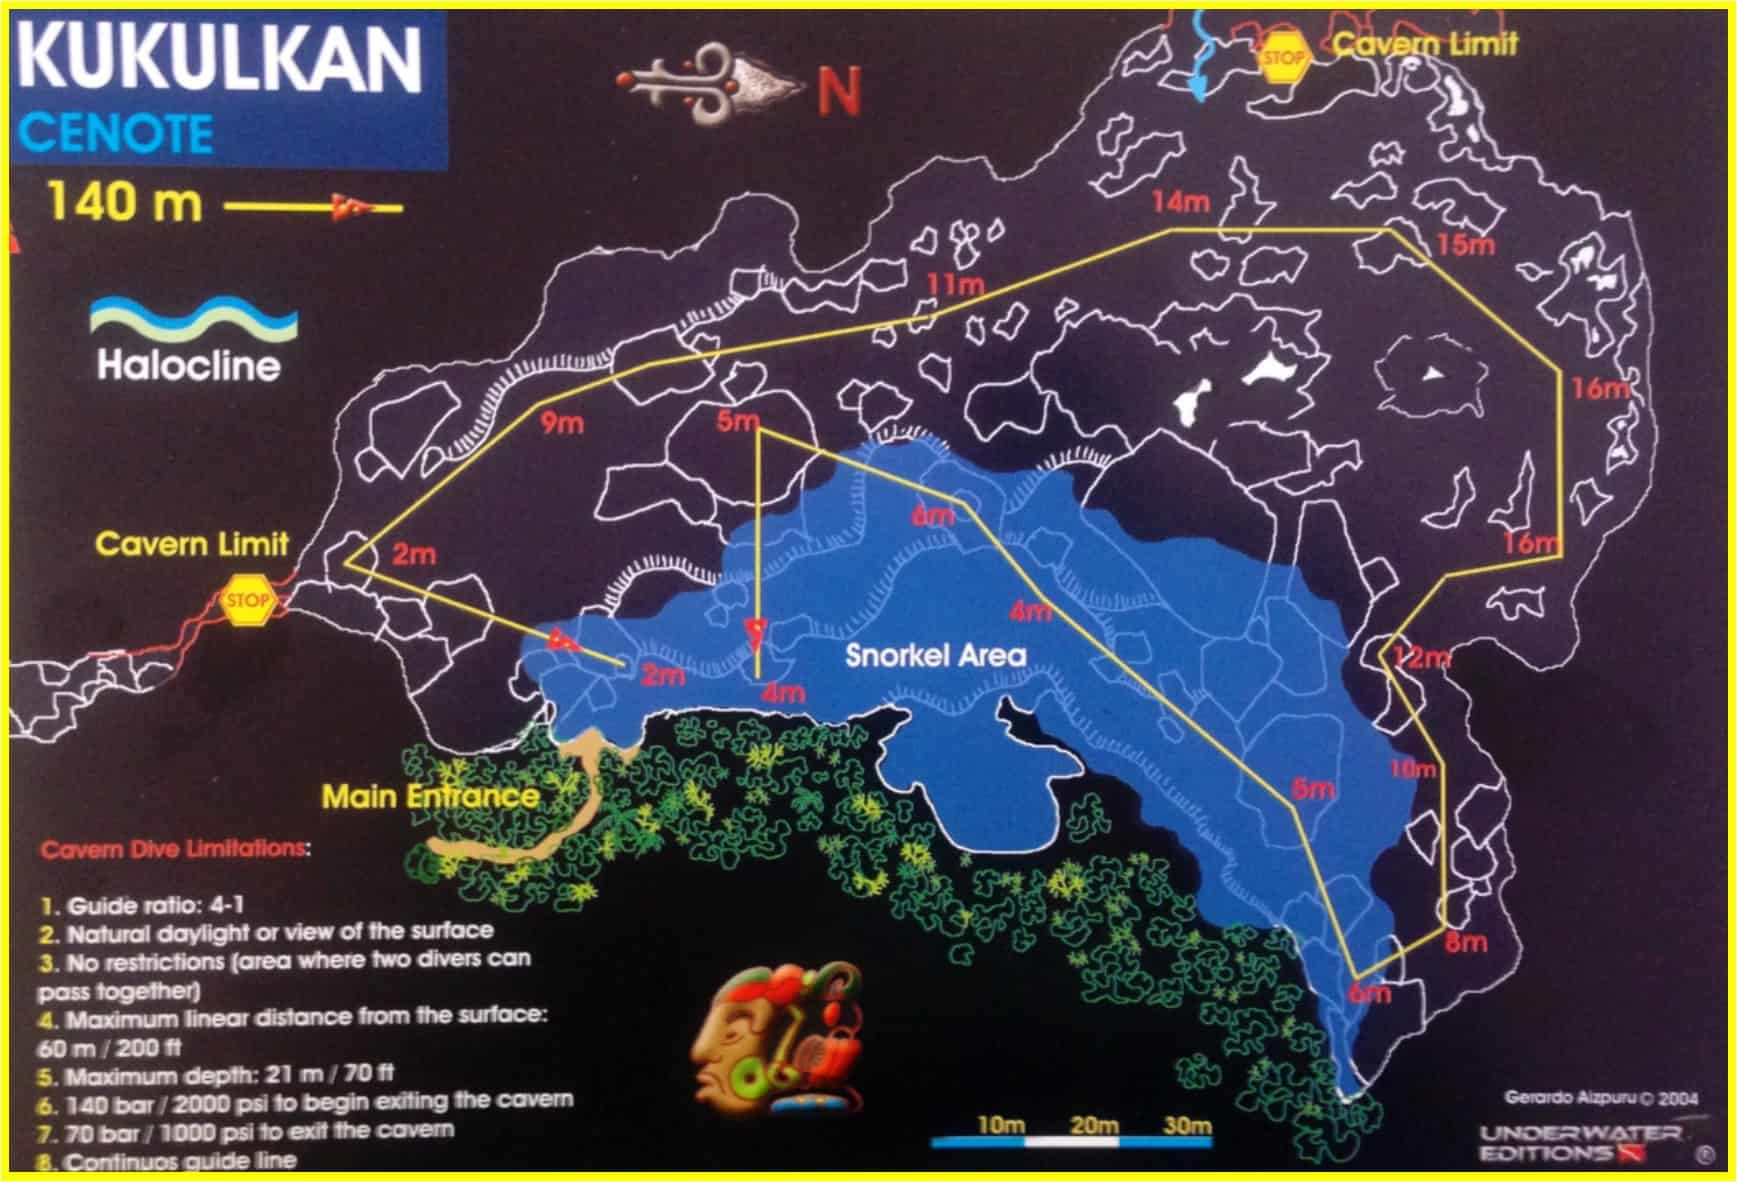 cenotes layout Kukulkan